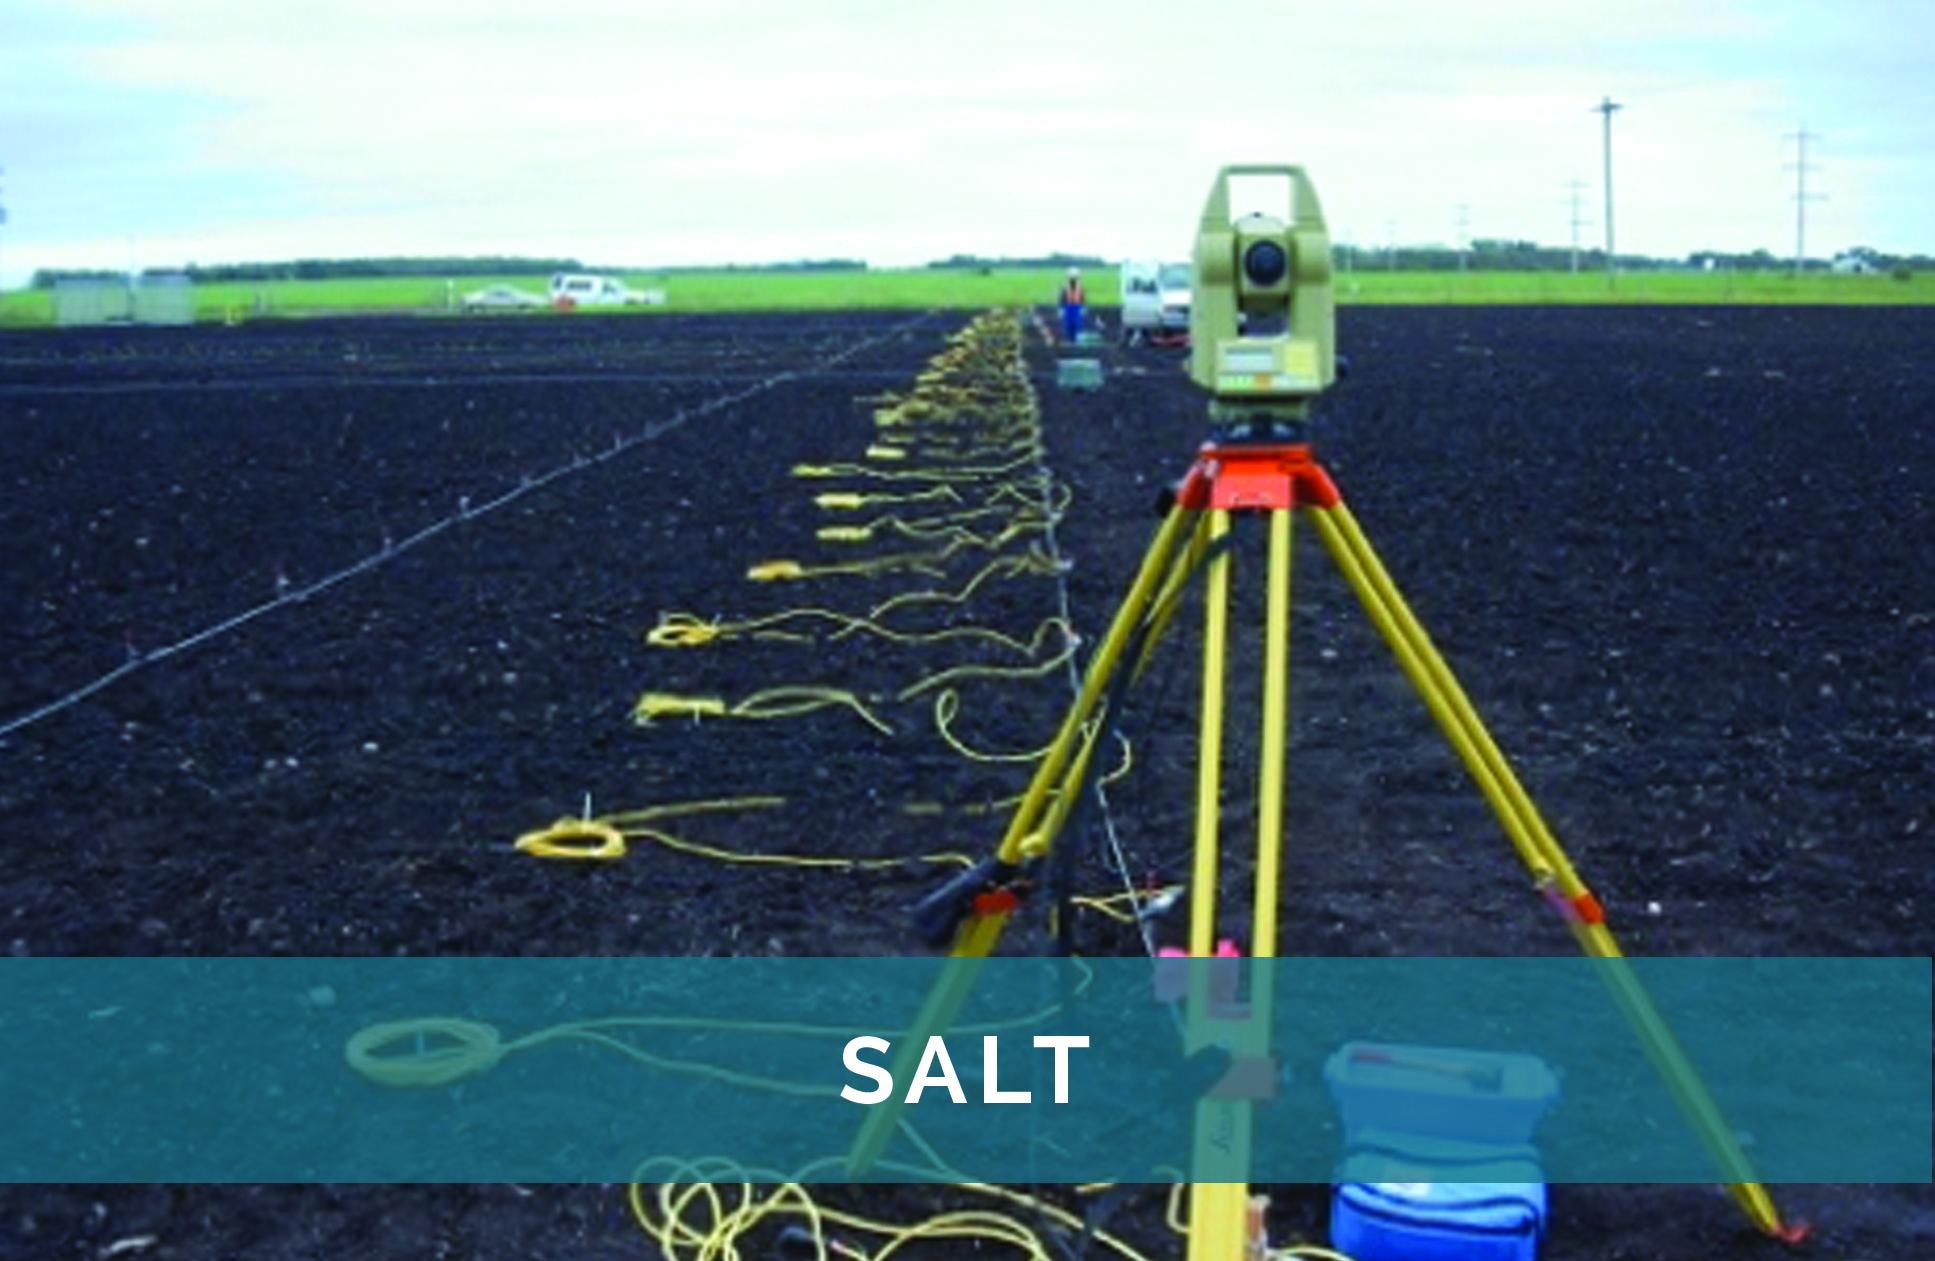 Salt - text